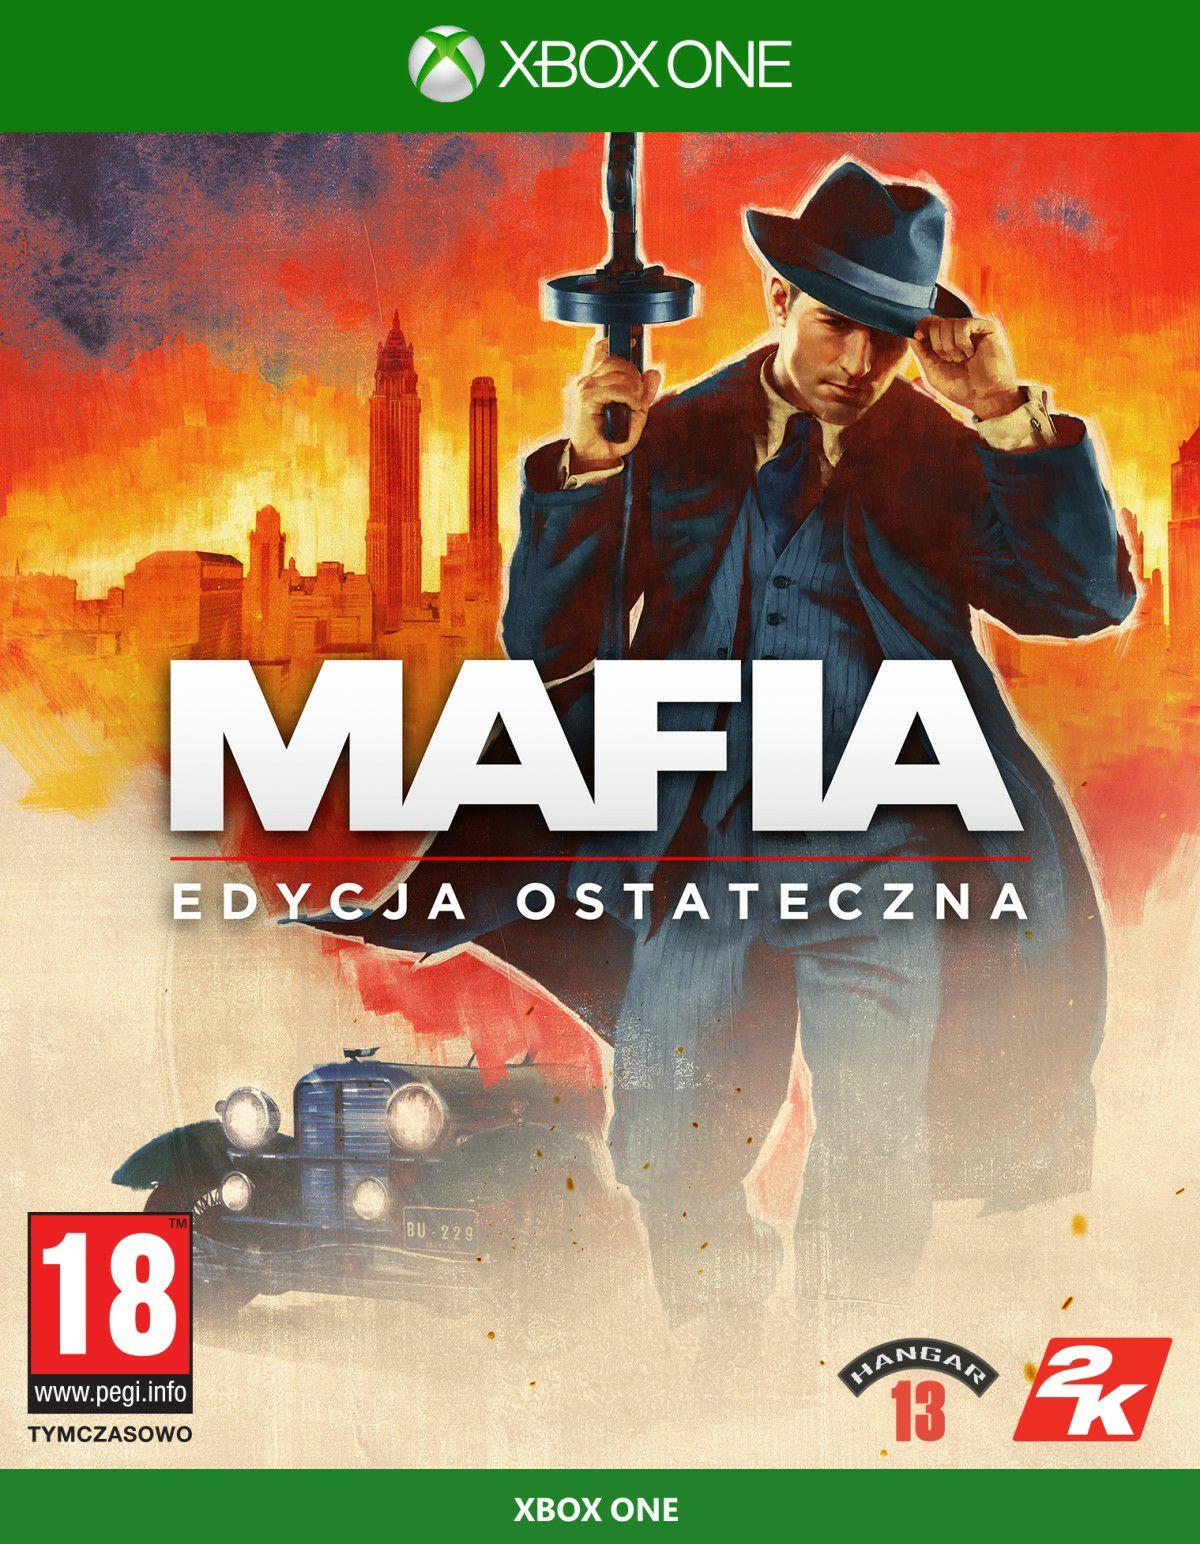 Mafia: Edycja ostateczna (Xbox One & Series X|S) MS store Brazylia